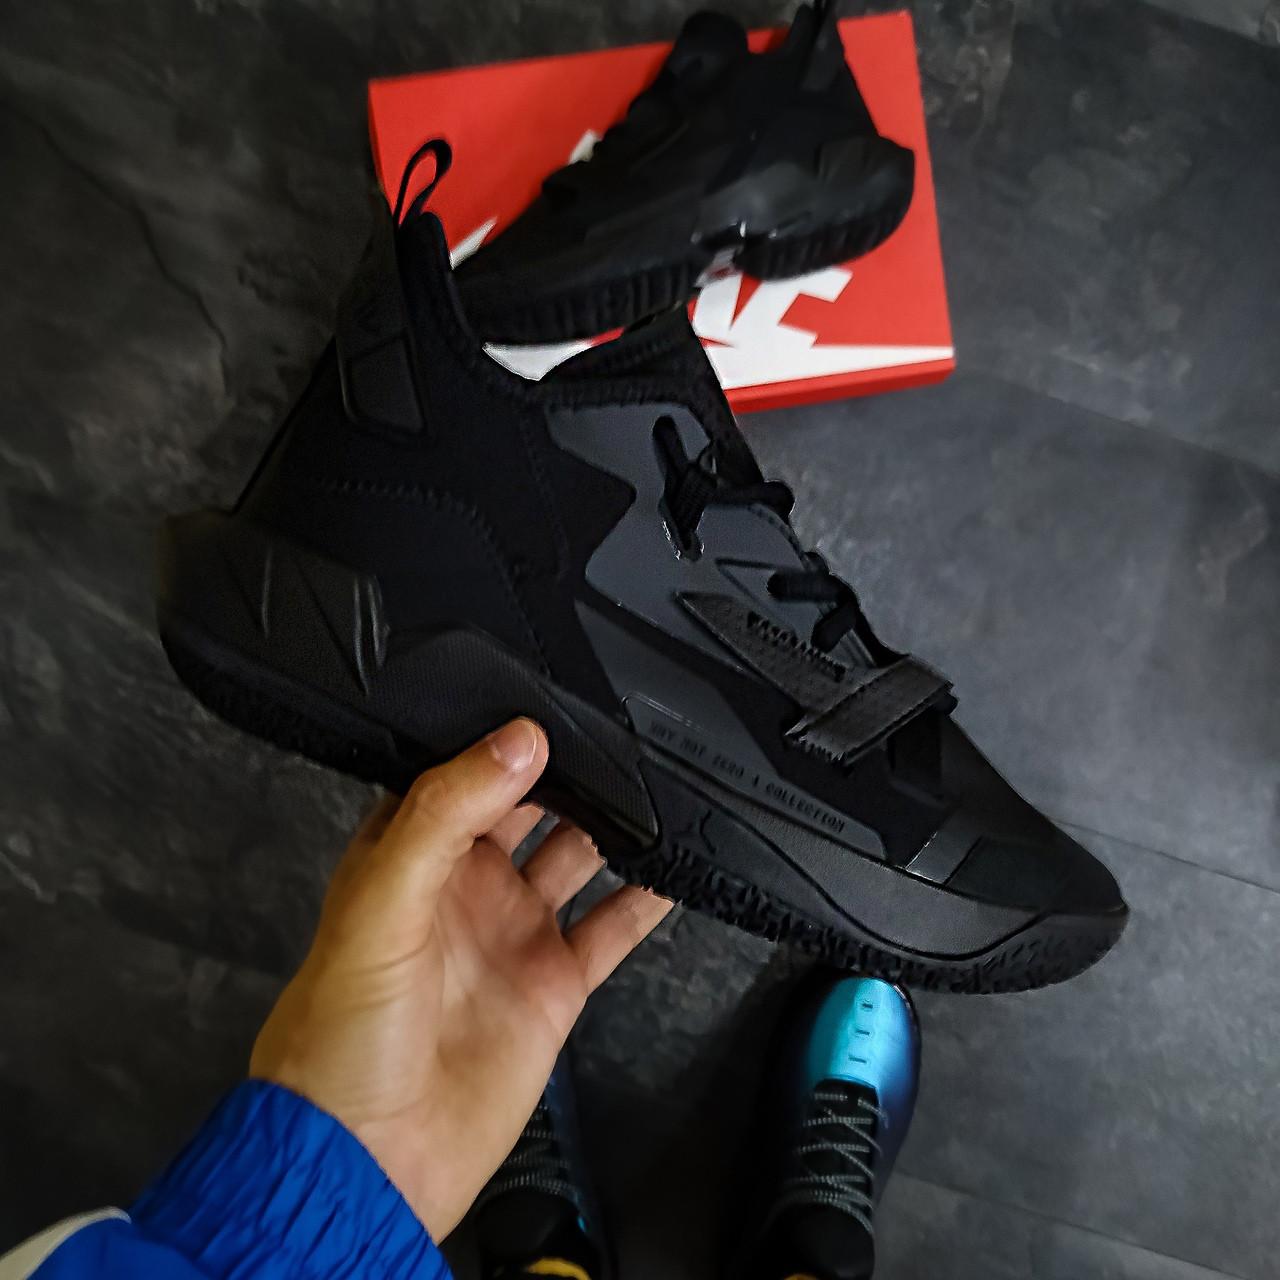 Кроссовки Nike Why not Zero 4 Black